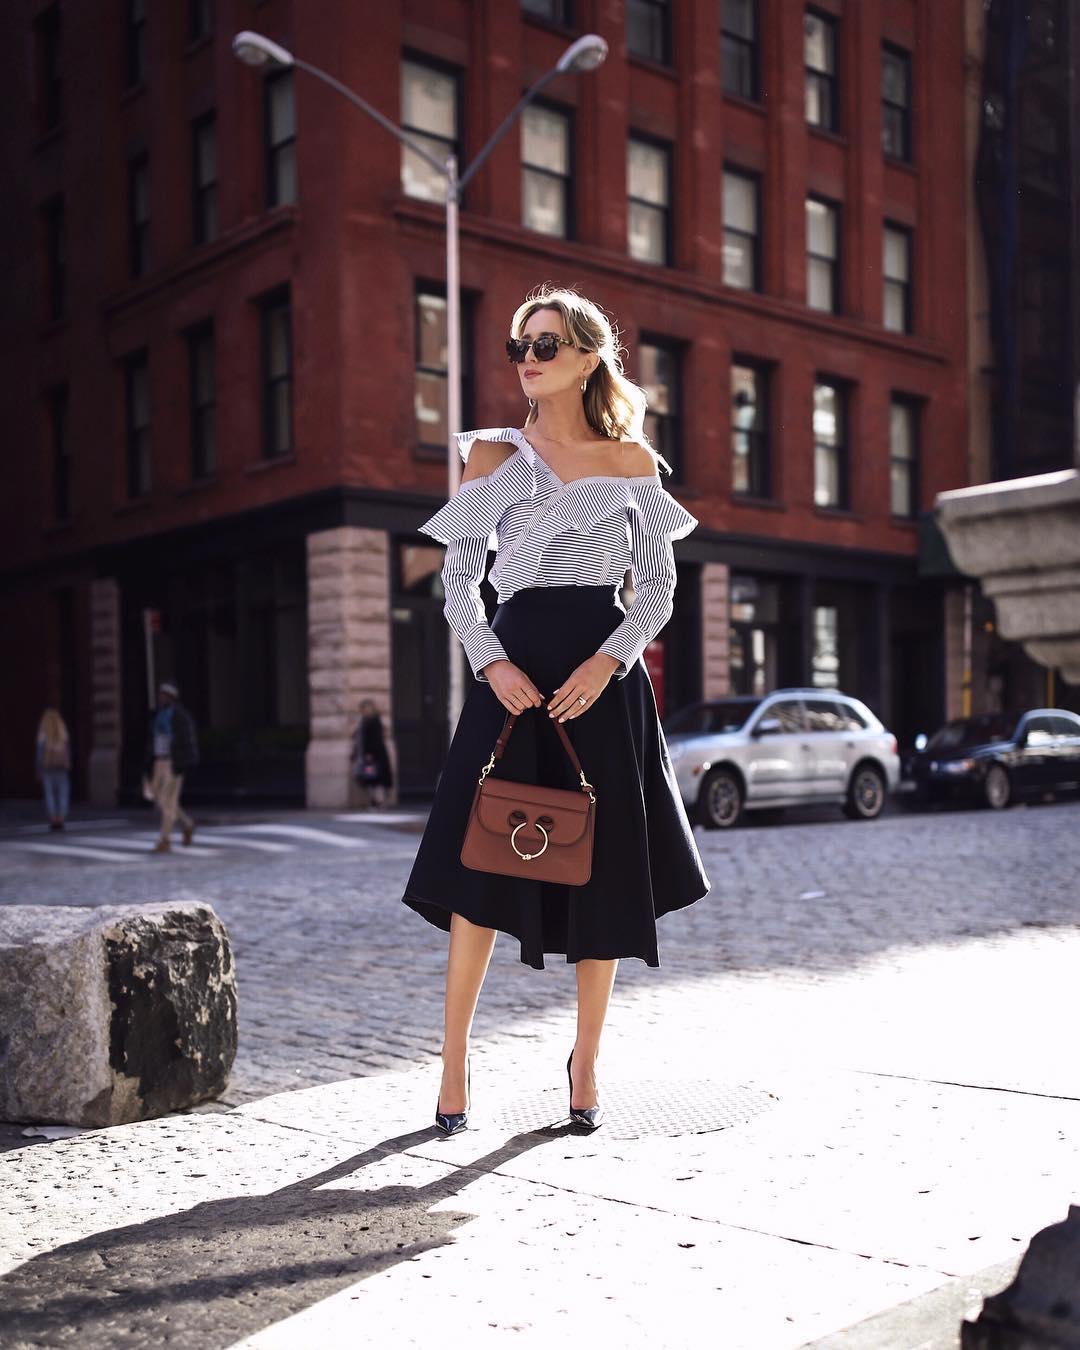 С чем носить юбку миди летом фото 18